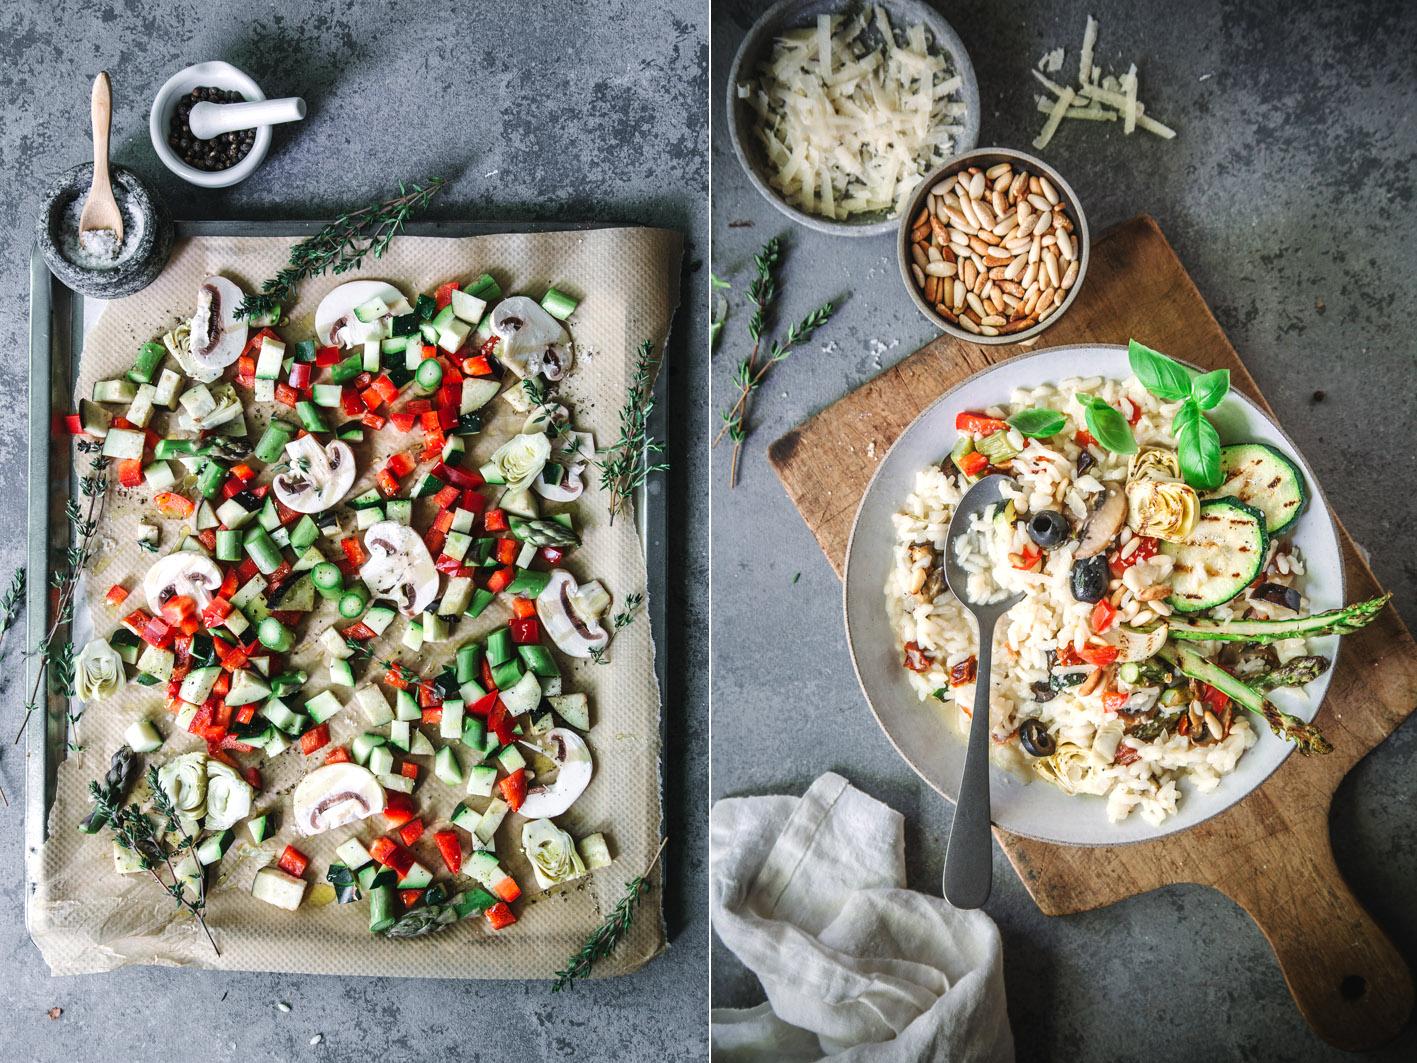 Gemüse für Antipasti-Risotto